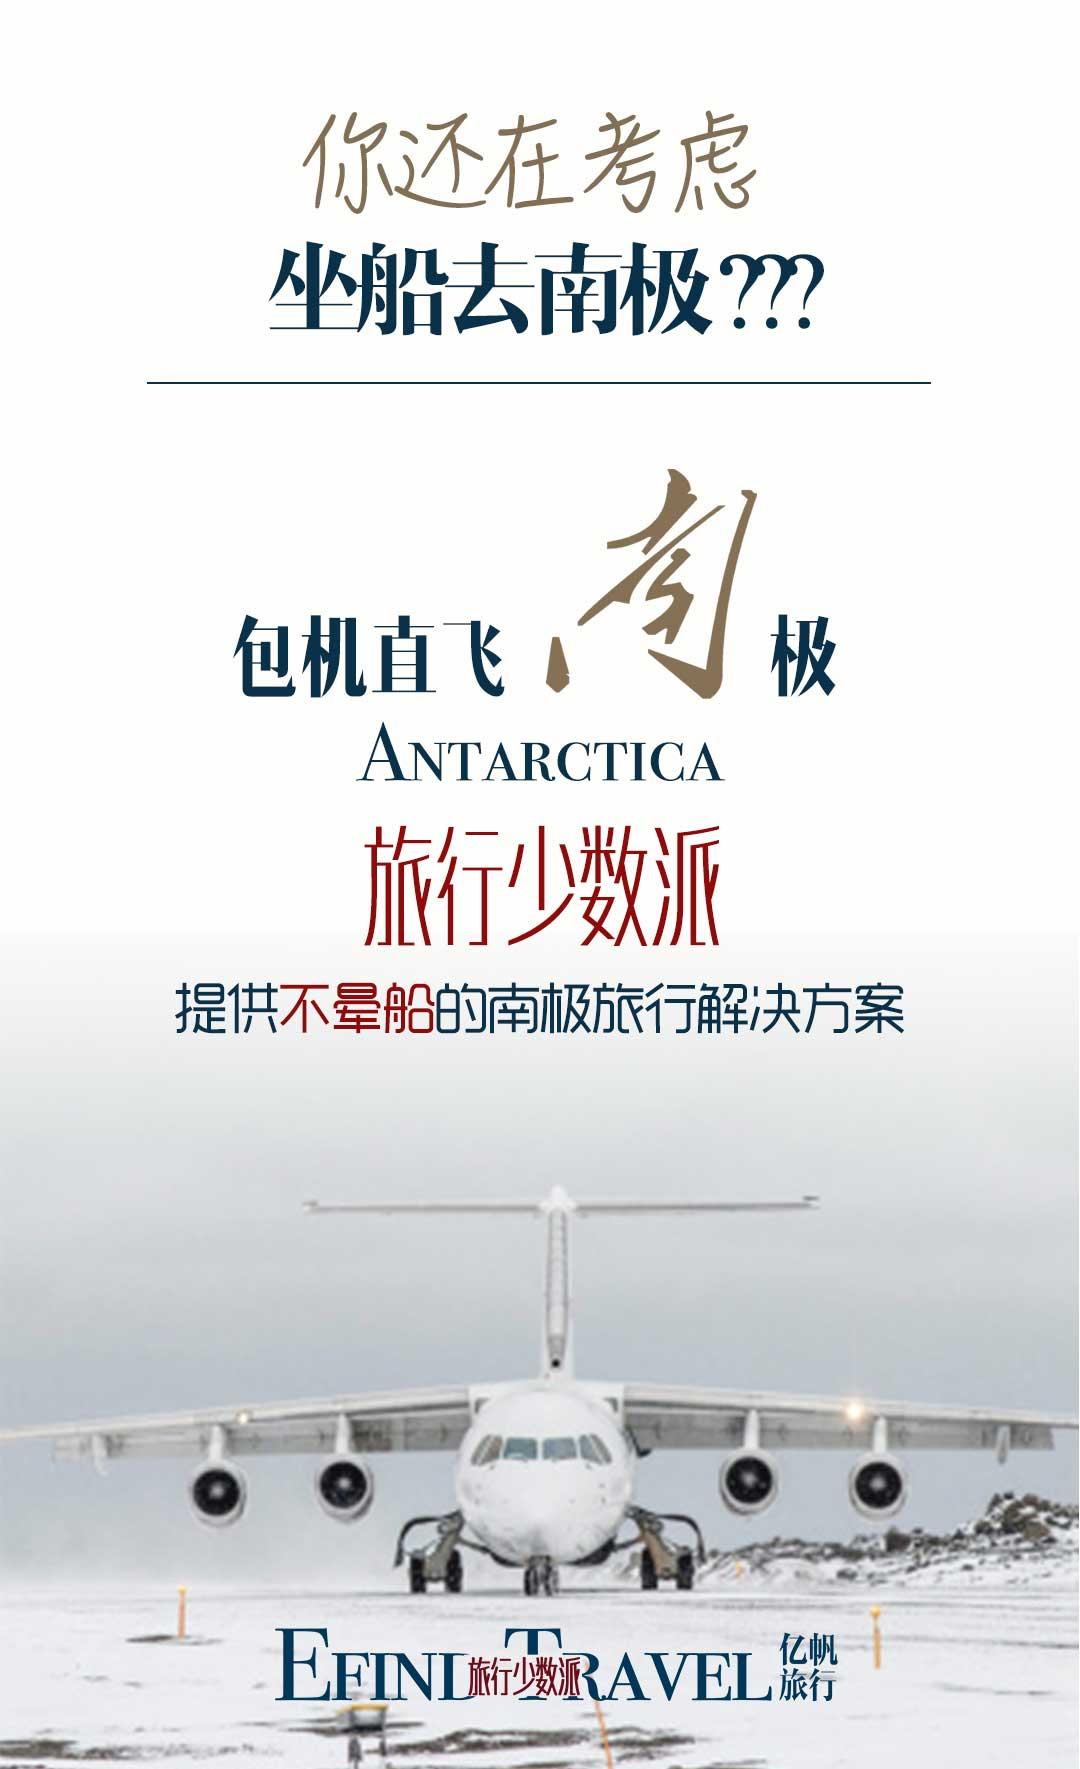 包机直飞南极